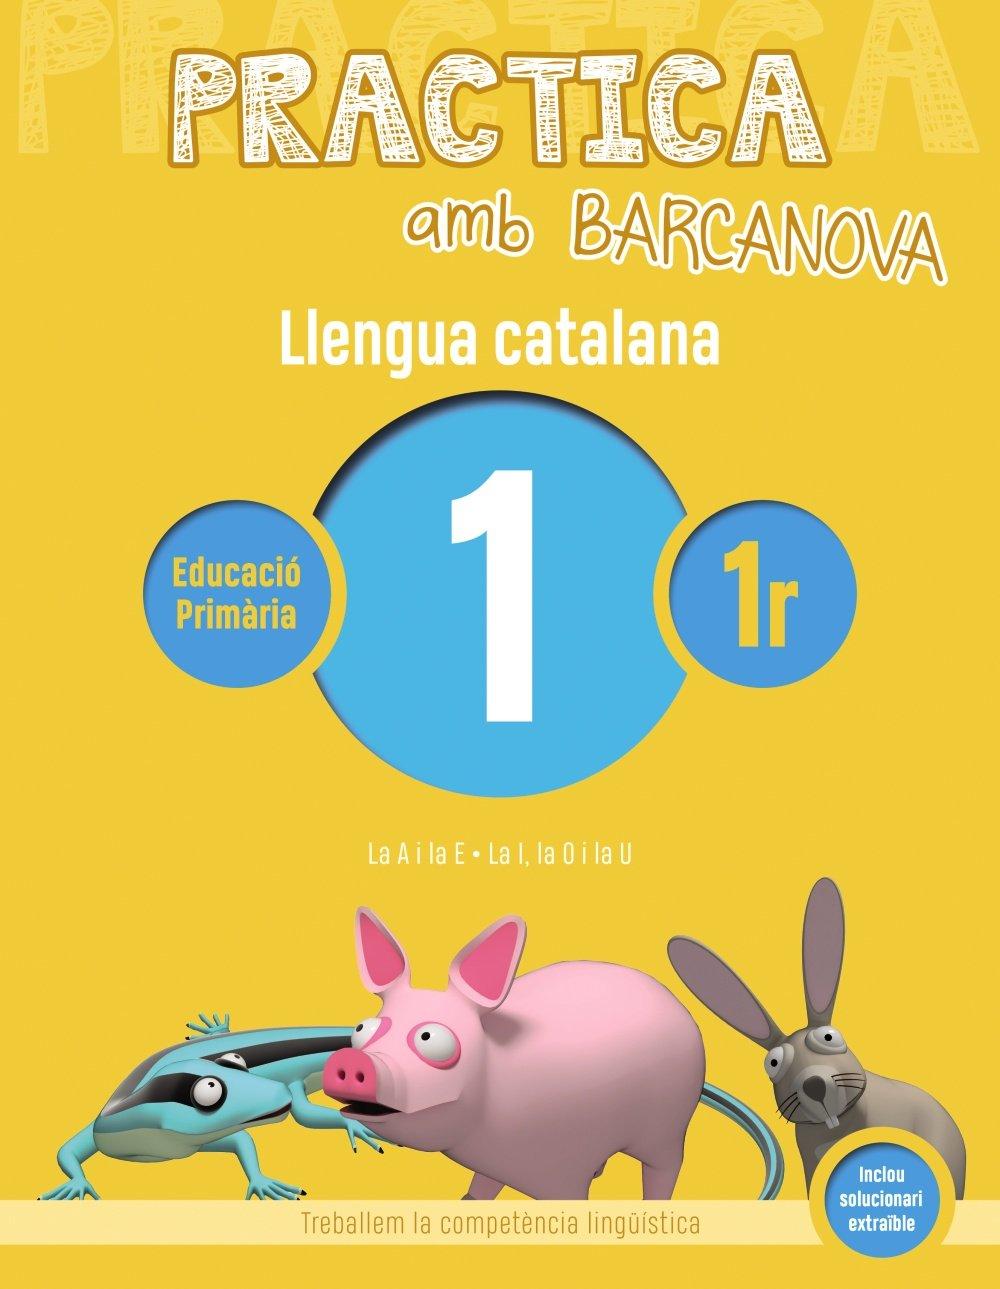 Practica amb Barcanova 1. Llengua catalana: La A i la E. La I, la O i la U Quaderneria: Amazon.es: Camps, Montserrat, Bota, Montserrat, Itxart, Imma: Libros